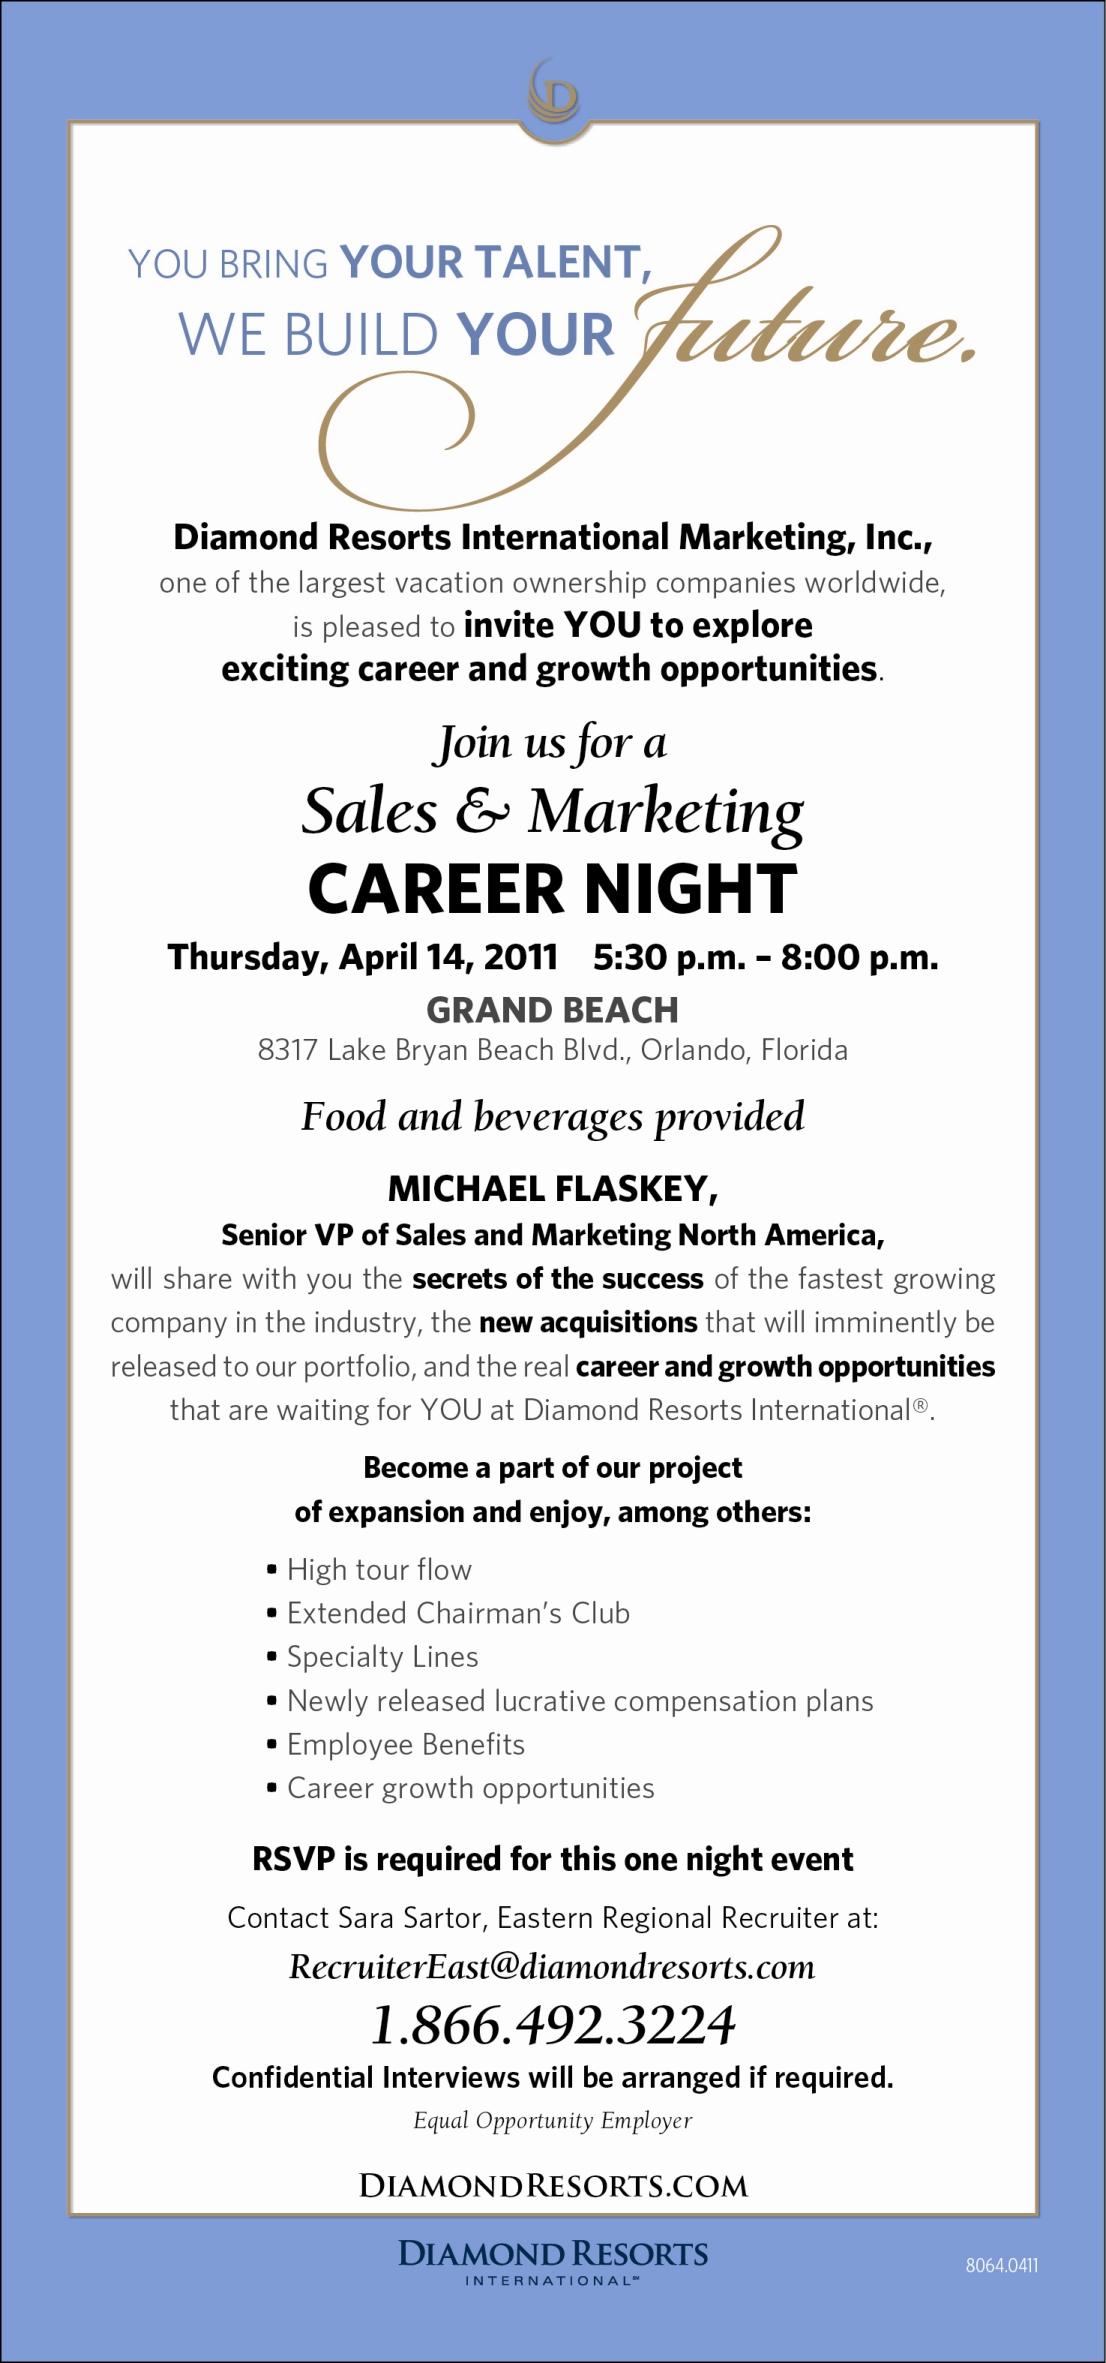 Career Night-Orlando April 14th